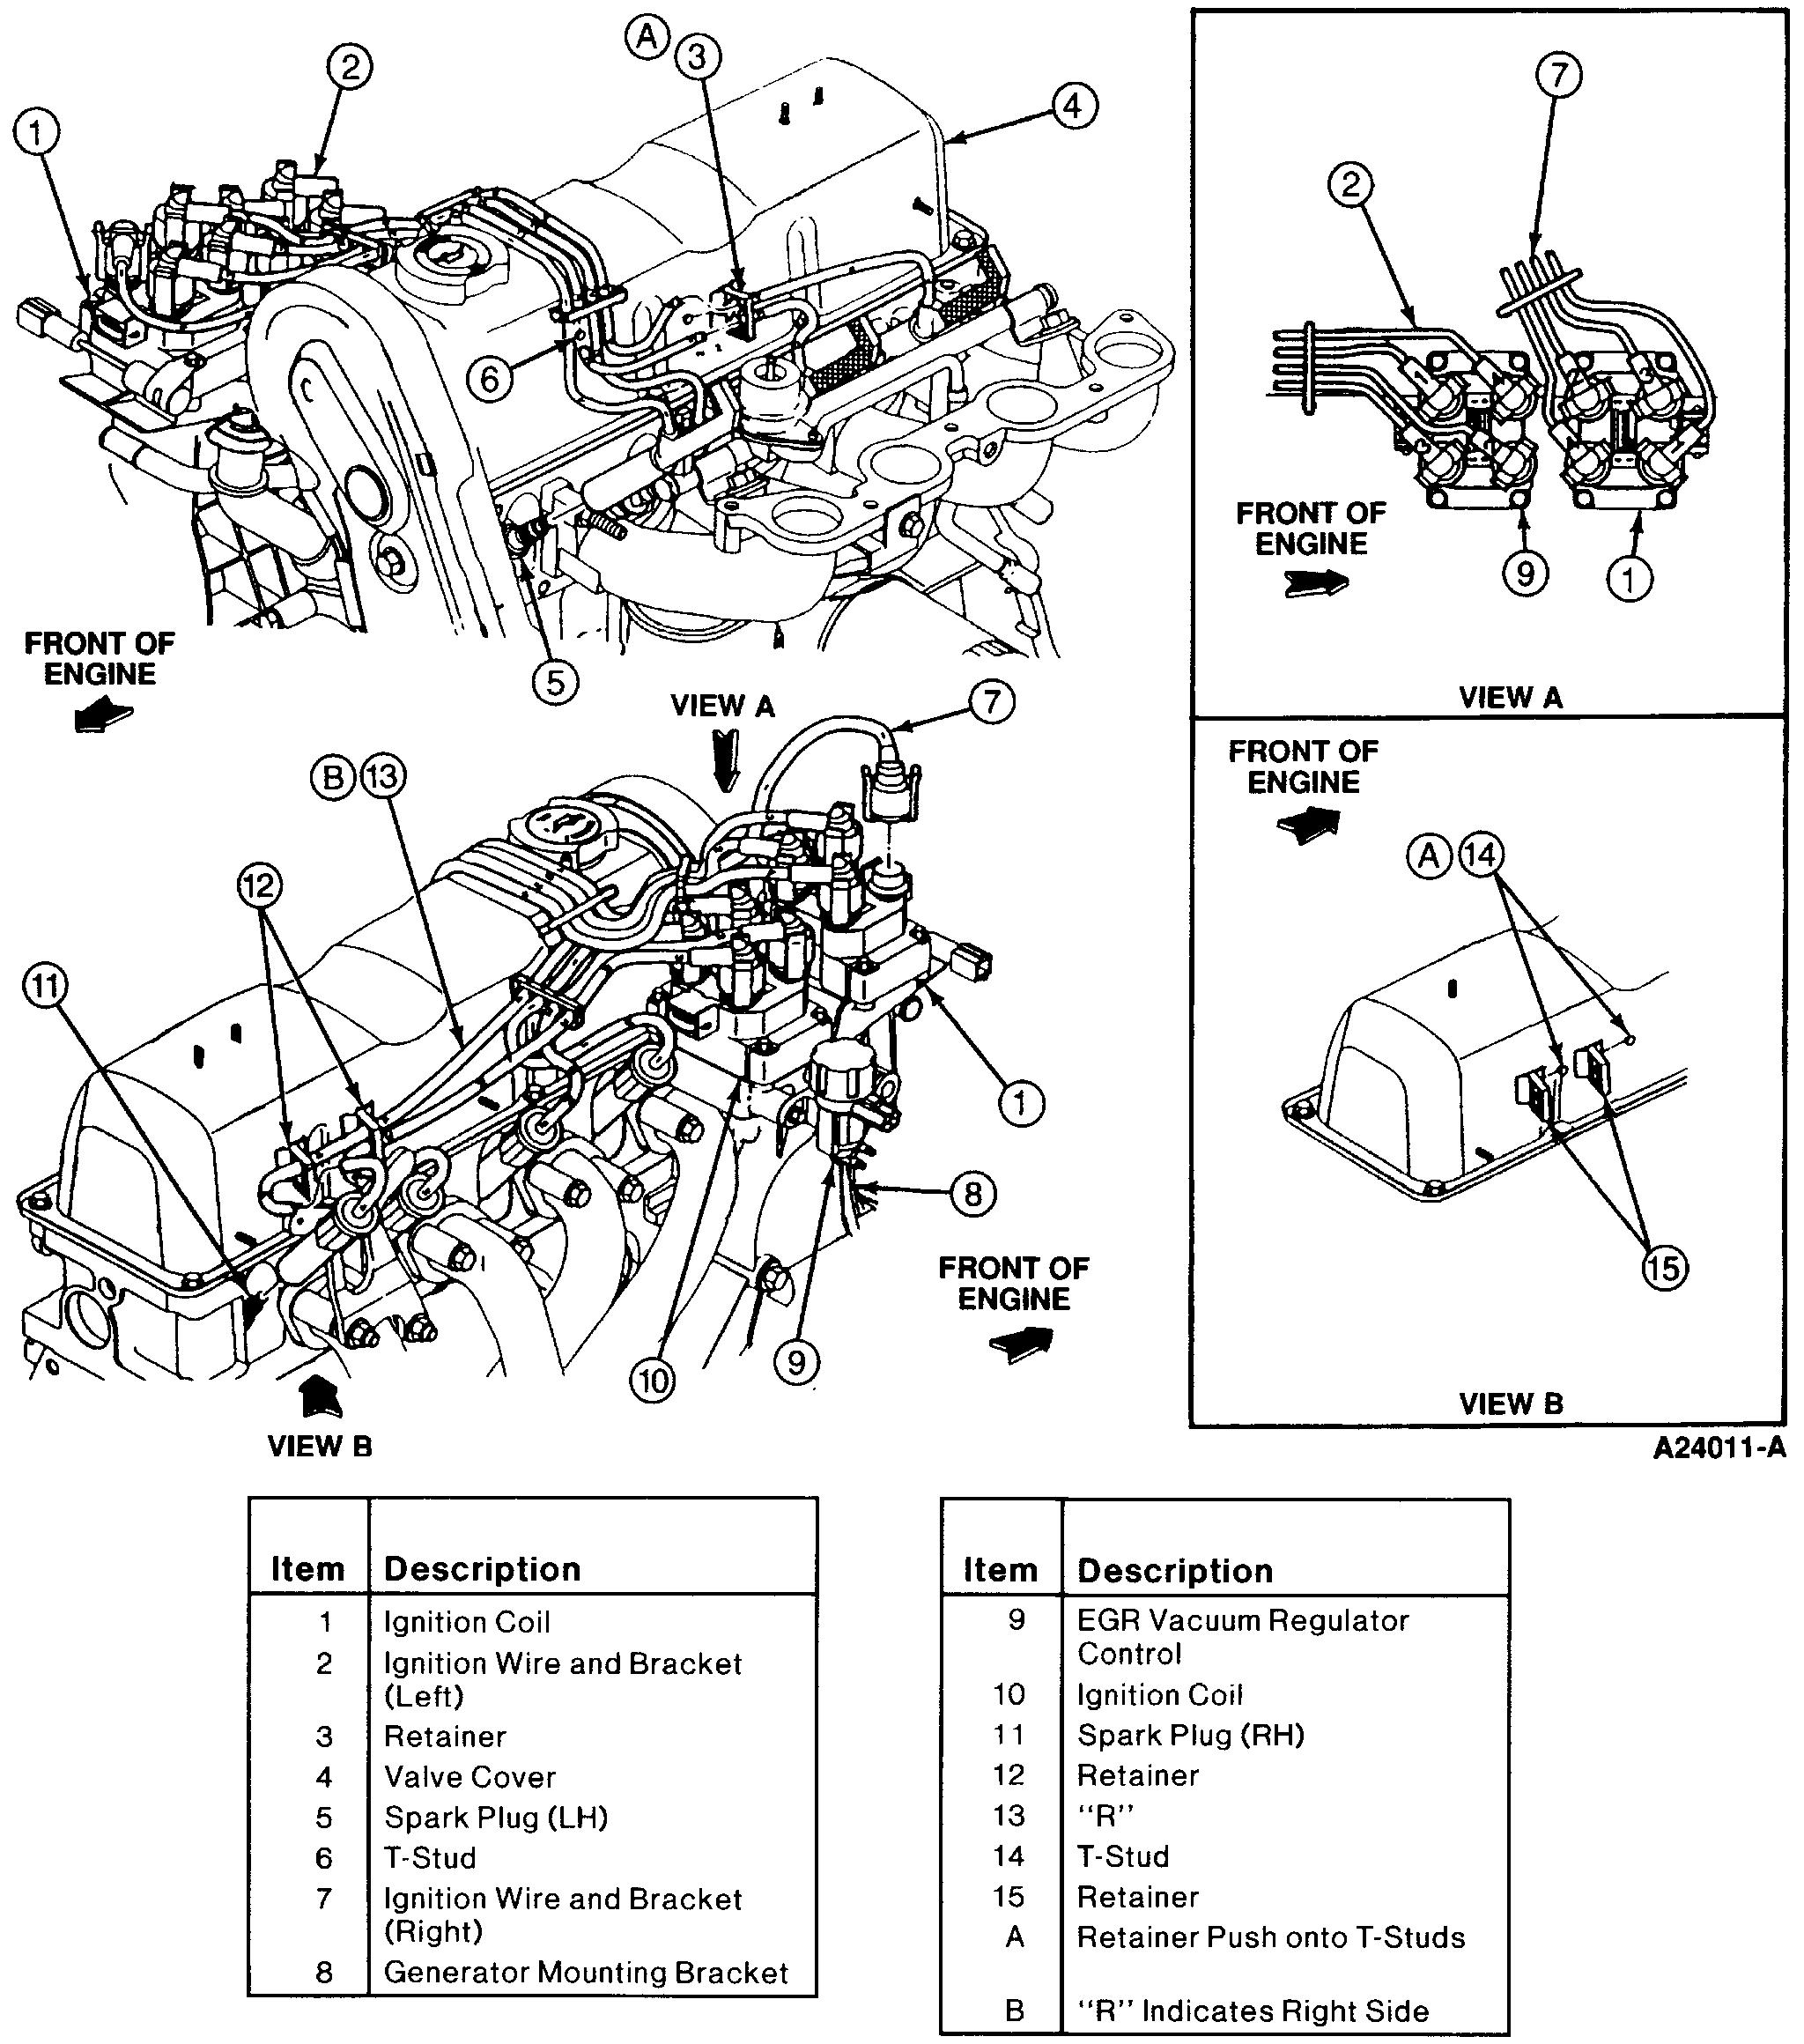 2001 Ford Ranger 3 0 Firing Order Diagram